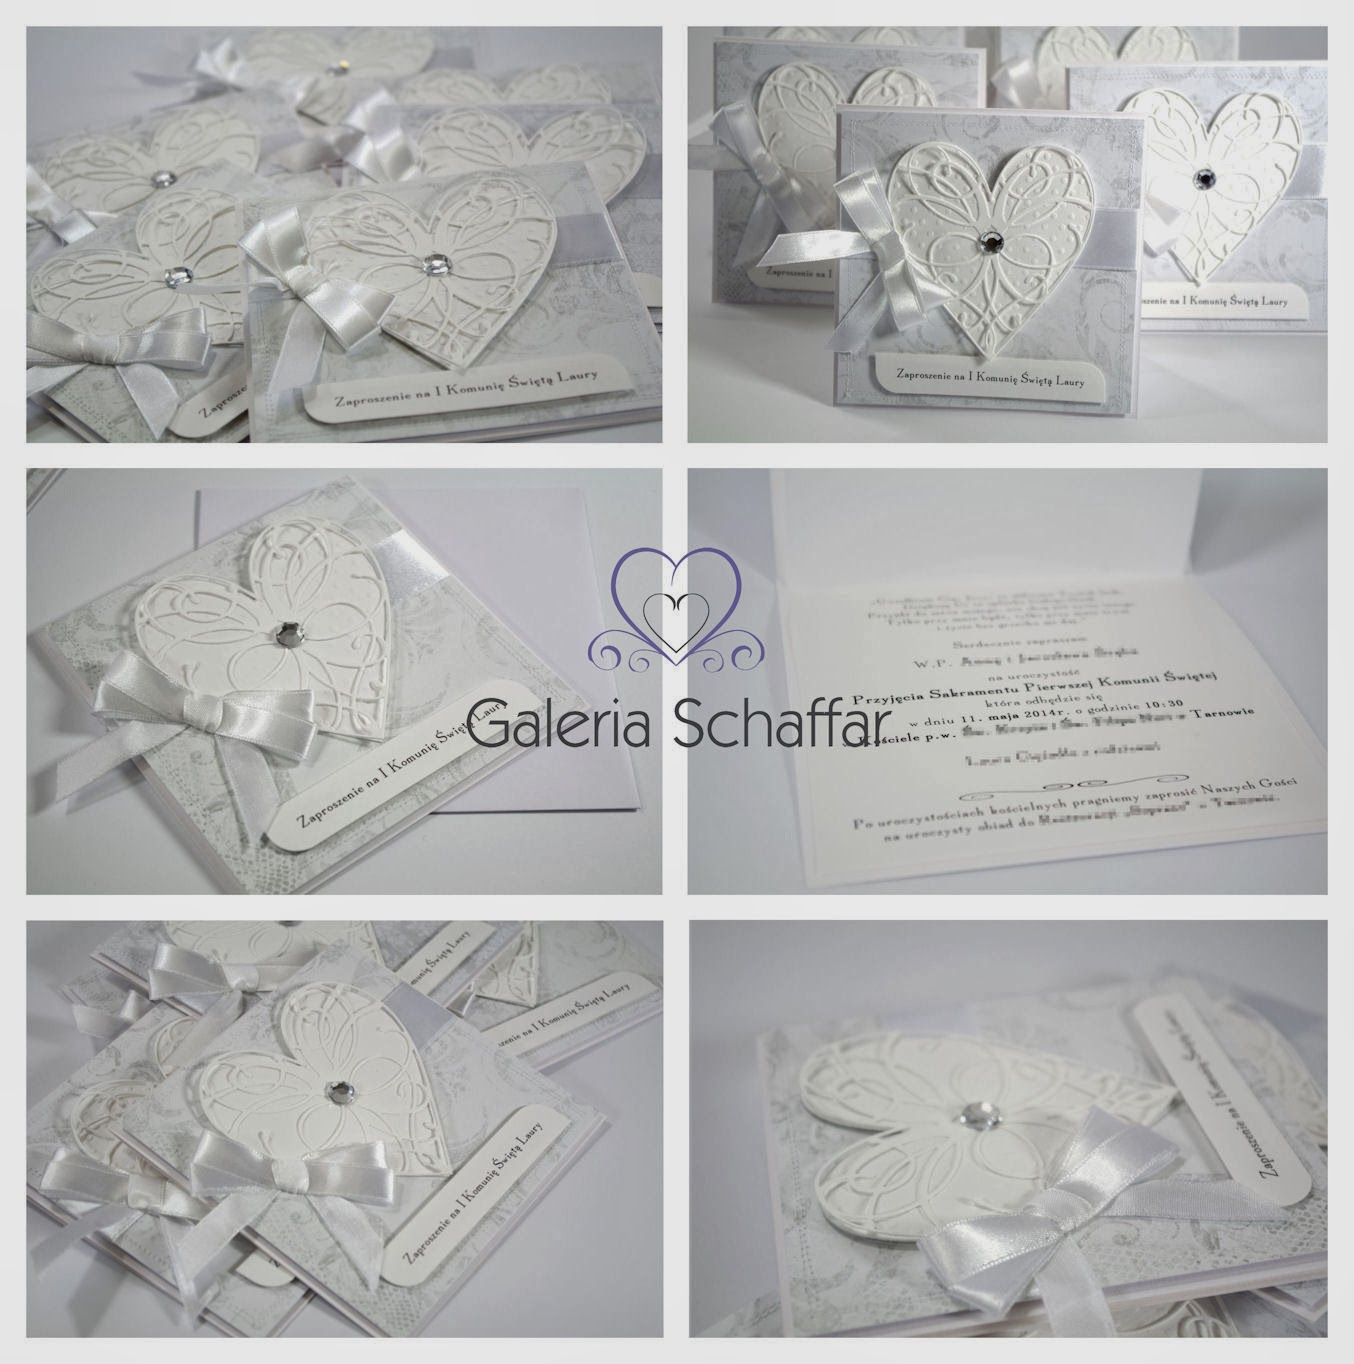 nietypowe ładne białe zaproszenia komunijne ślubne Galeria Schaffar